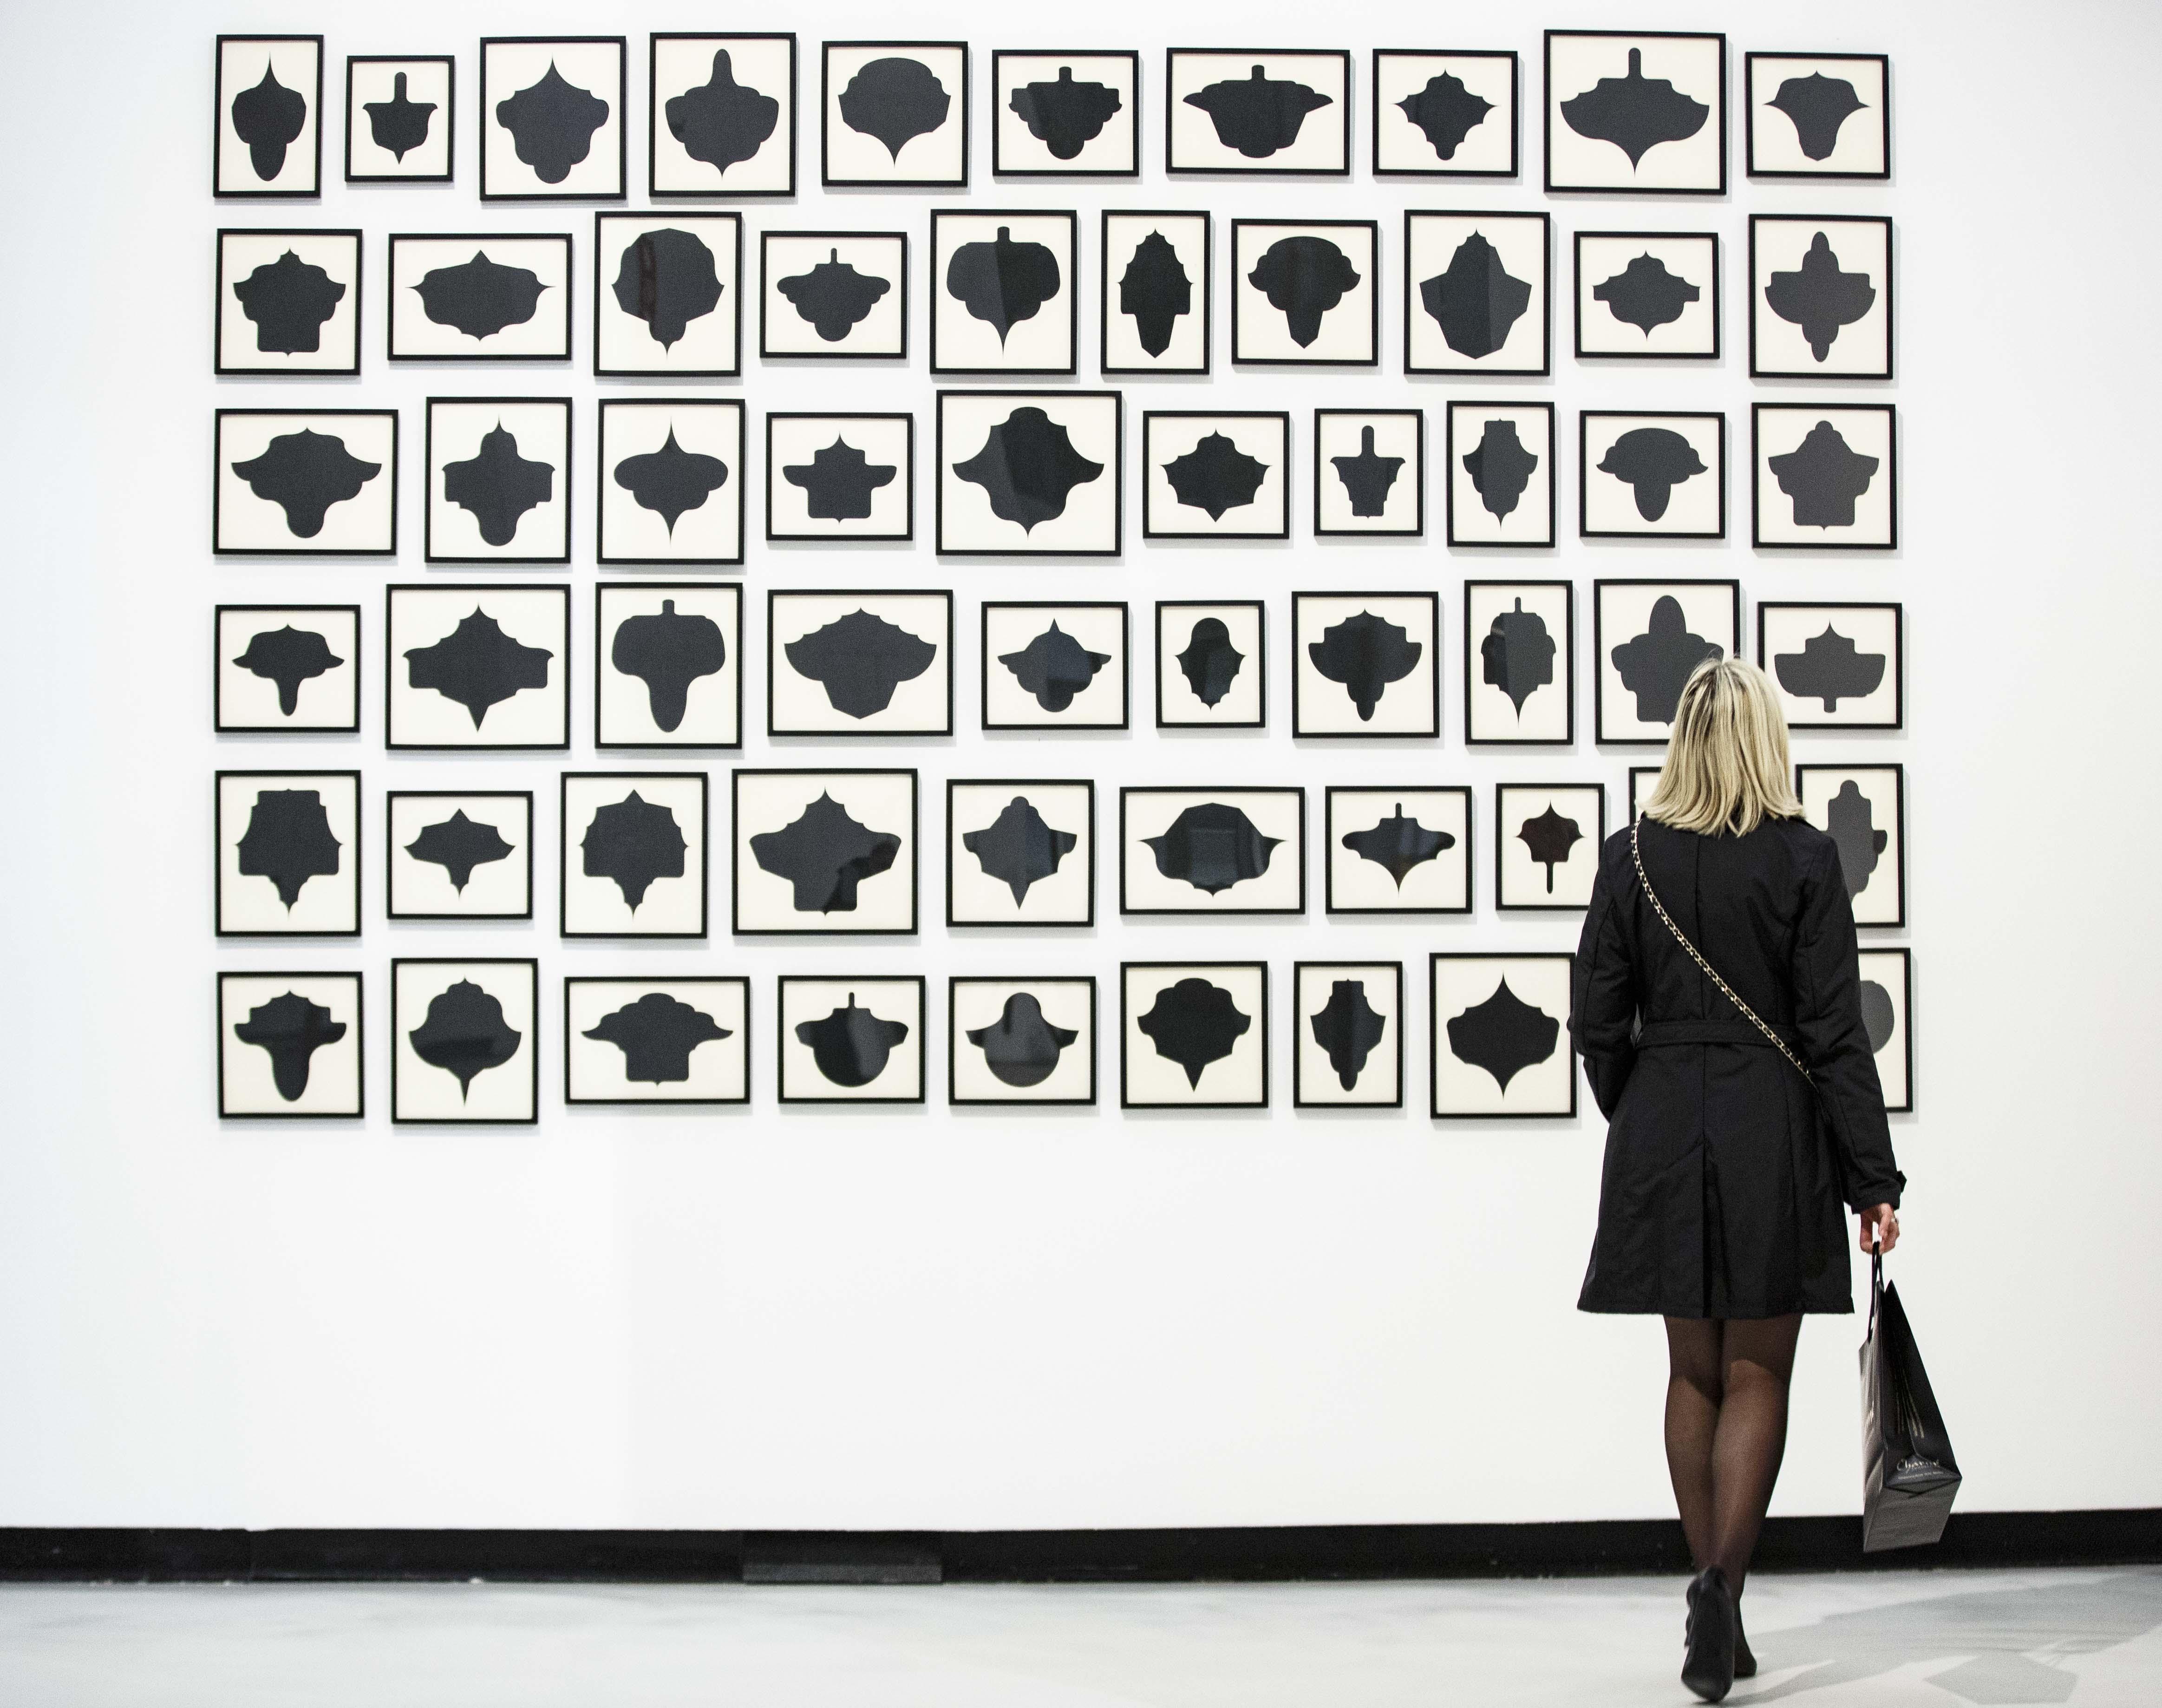 Roma, Museo del Maxxi, 21 05 2019AL NORTE DE LA TORMENTA. DA ROBERT RAUSCHENBERG A JUAN MUÑOZ©Musacchio, Ianniello & Pasqualini